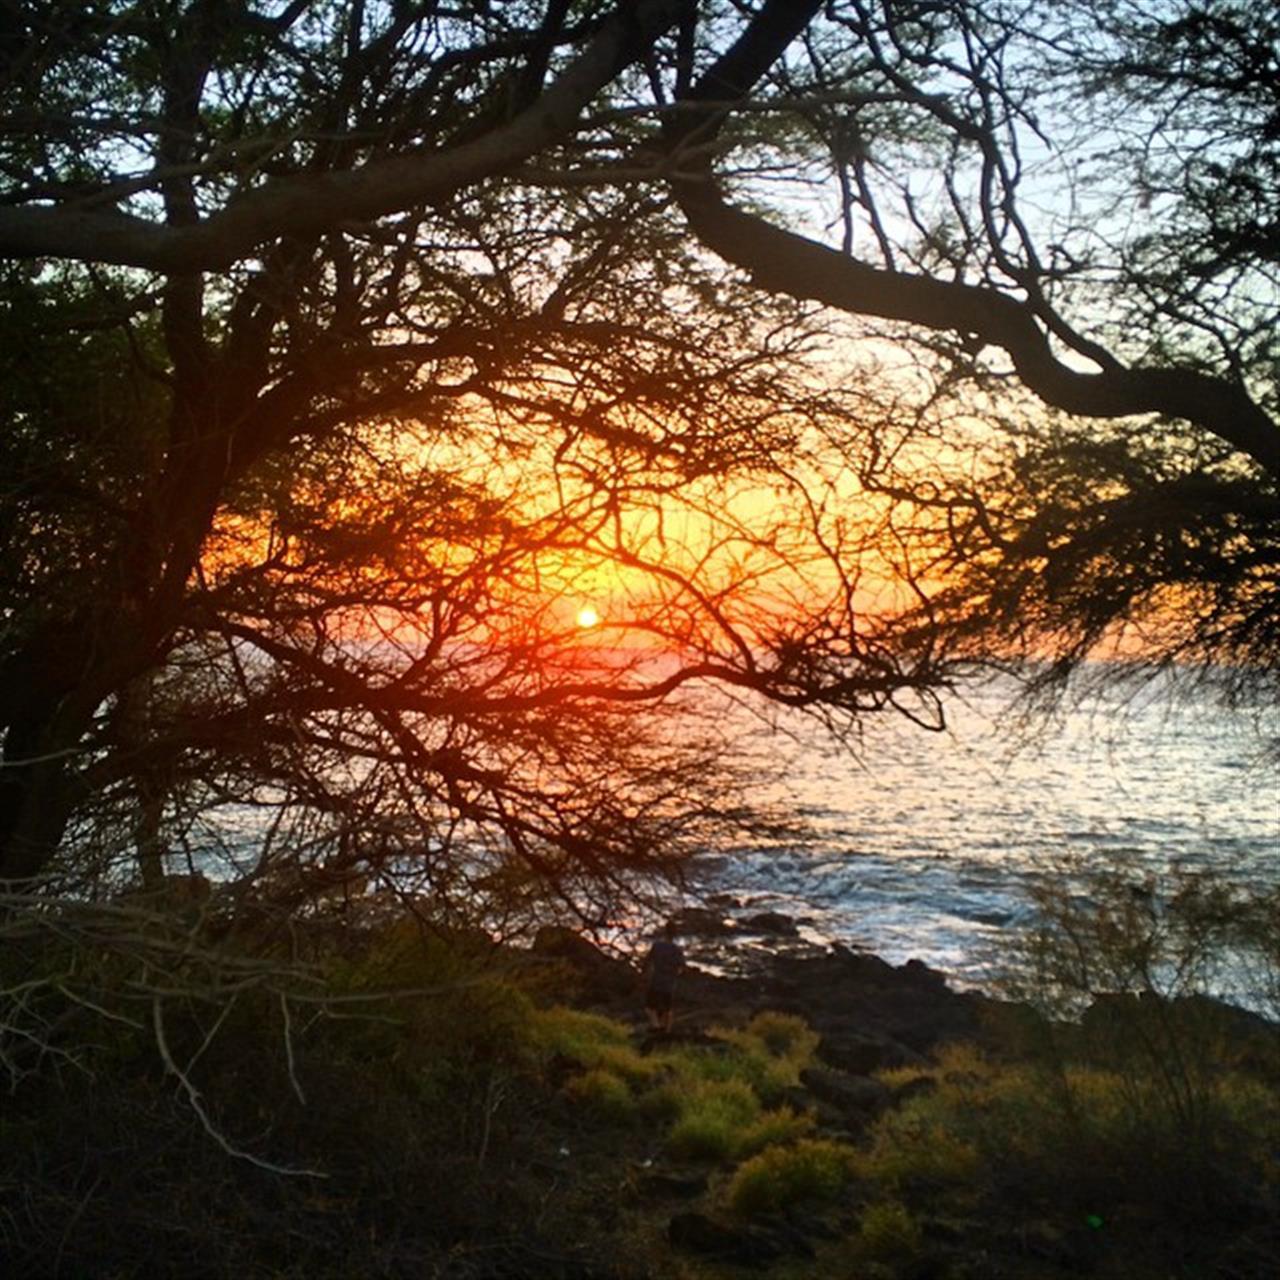 #humpday sunset on another beautiful Hawaii day! #beSunny #HawaiiLife #glimpseofhawaii #wearehawaii #hawaiistagram #HawaiiNewsNow #sunsetaday #365hawaiisunset #instahub #010715 #leadingRElocal